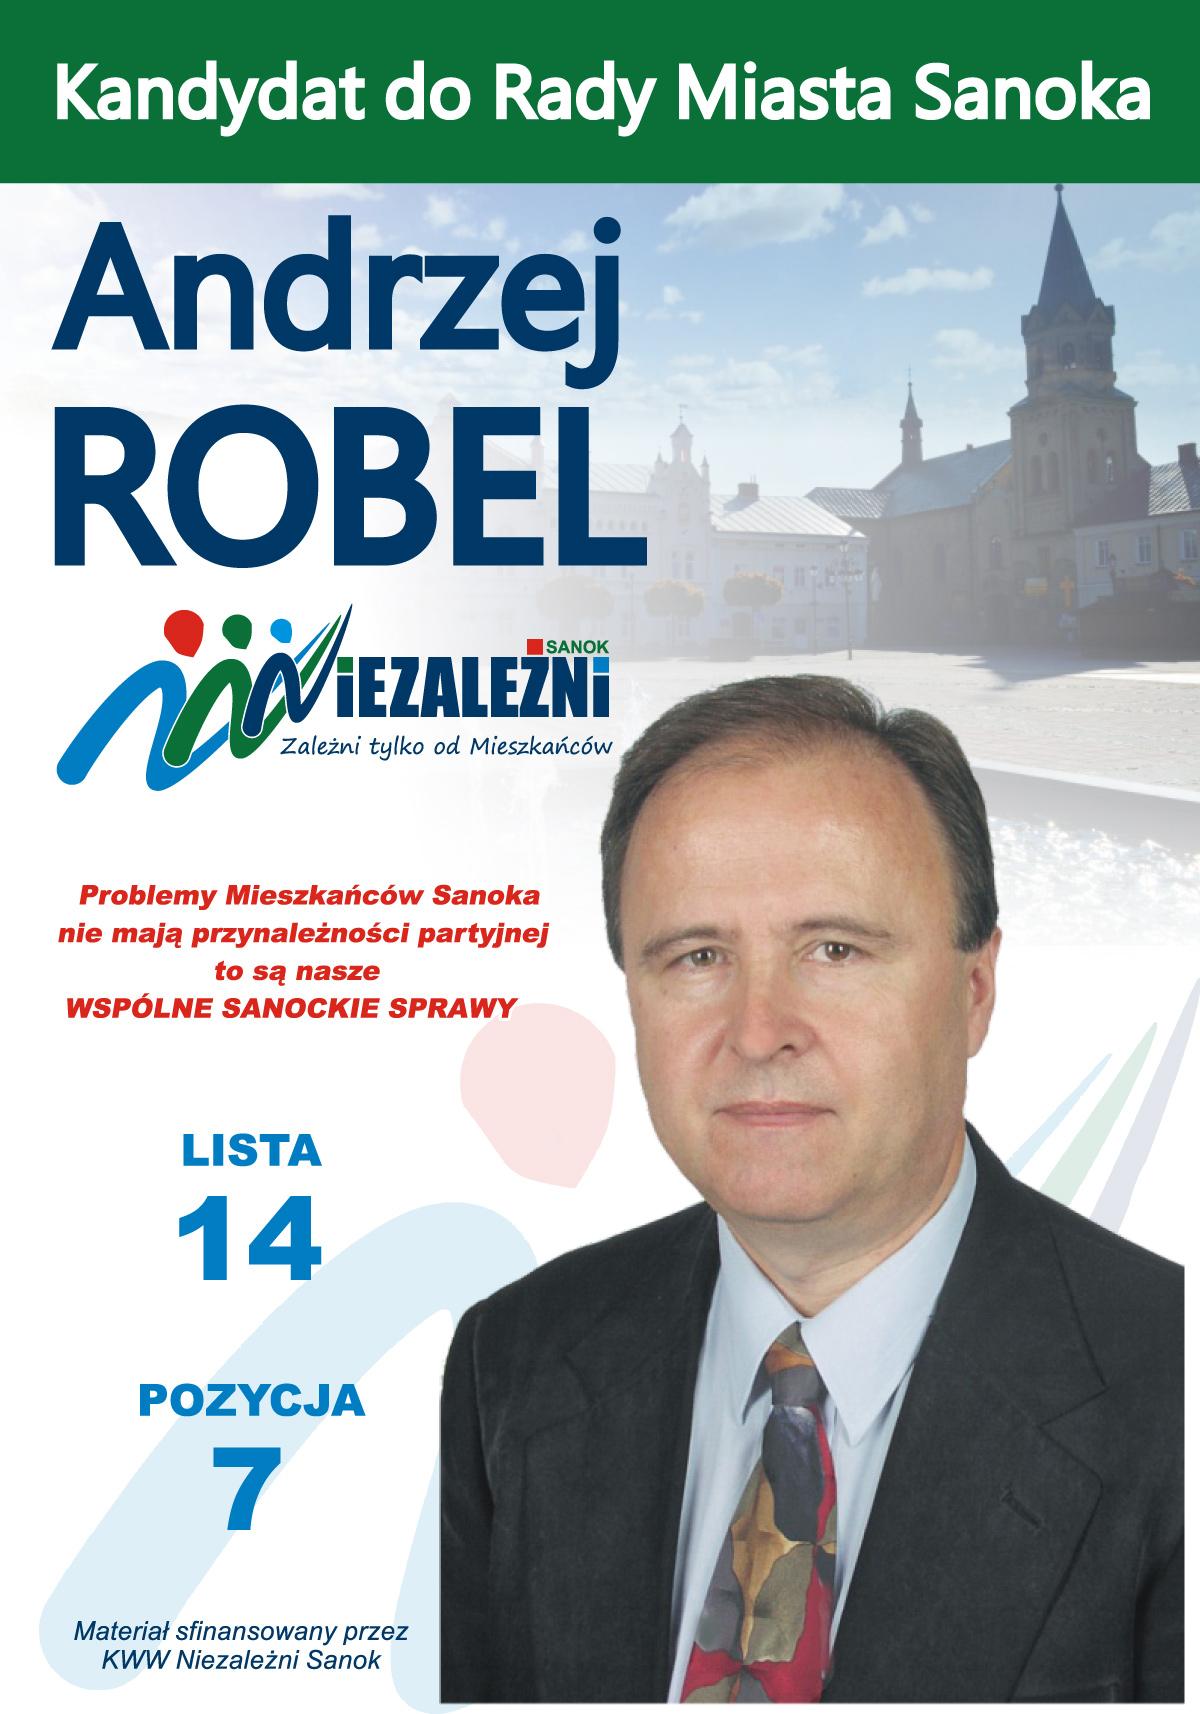 Andrzej ROBEL